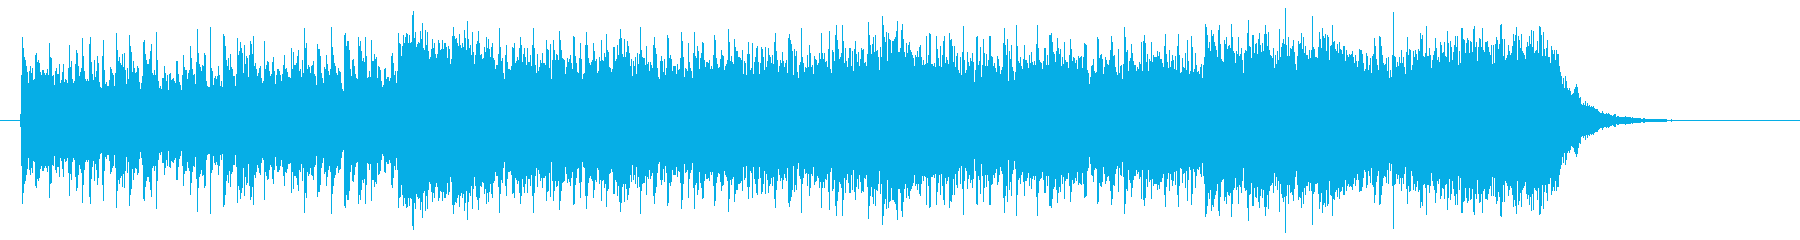 ダークでマイナーなシンセジングルの再生済みの波形